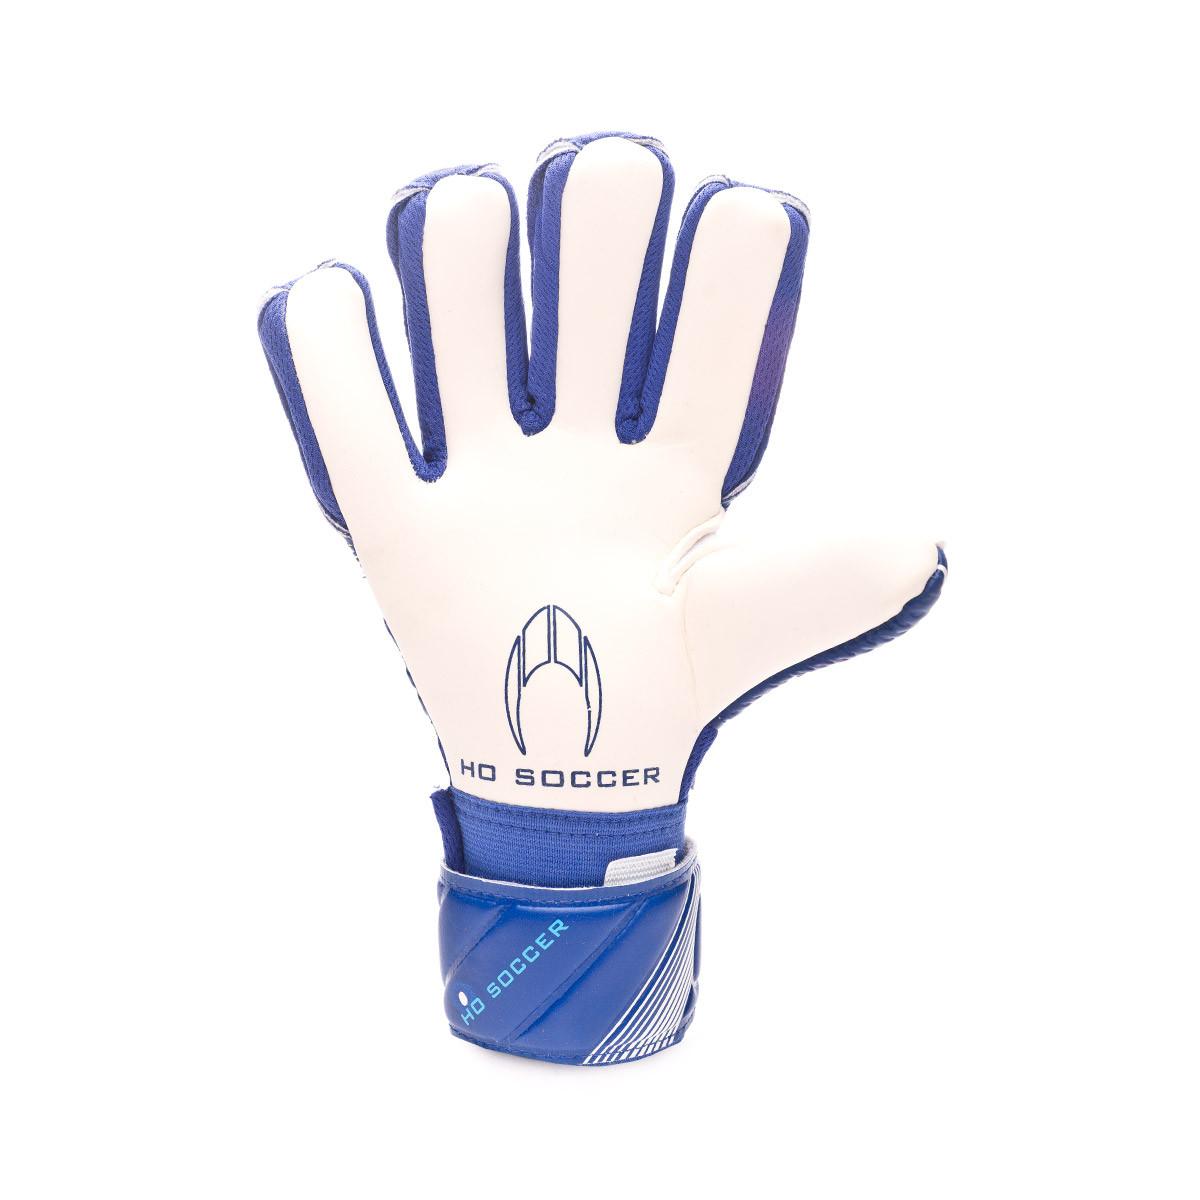 CLONE SUPREMO II NEGATIVE PACIFIC BLUE